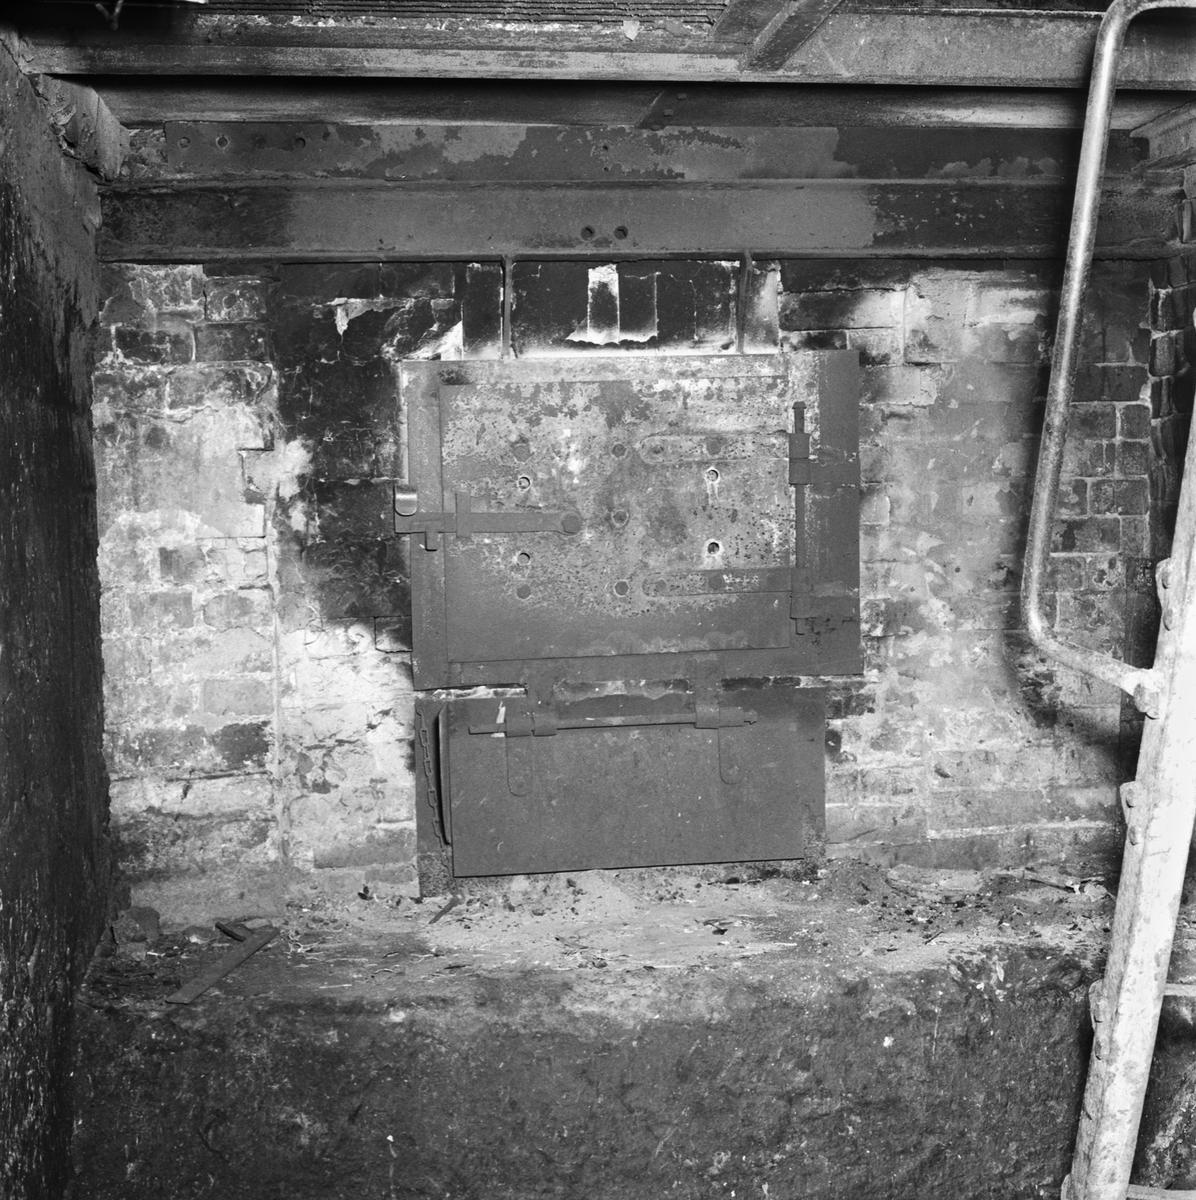 Övrigt: Foto datum: 11/7 1957 Byggnader och kranar G:a galvaniseringsverkstan exteriör och interiör